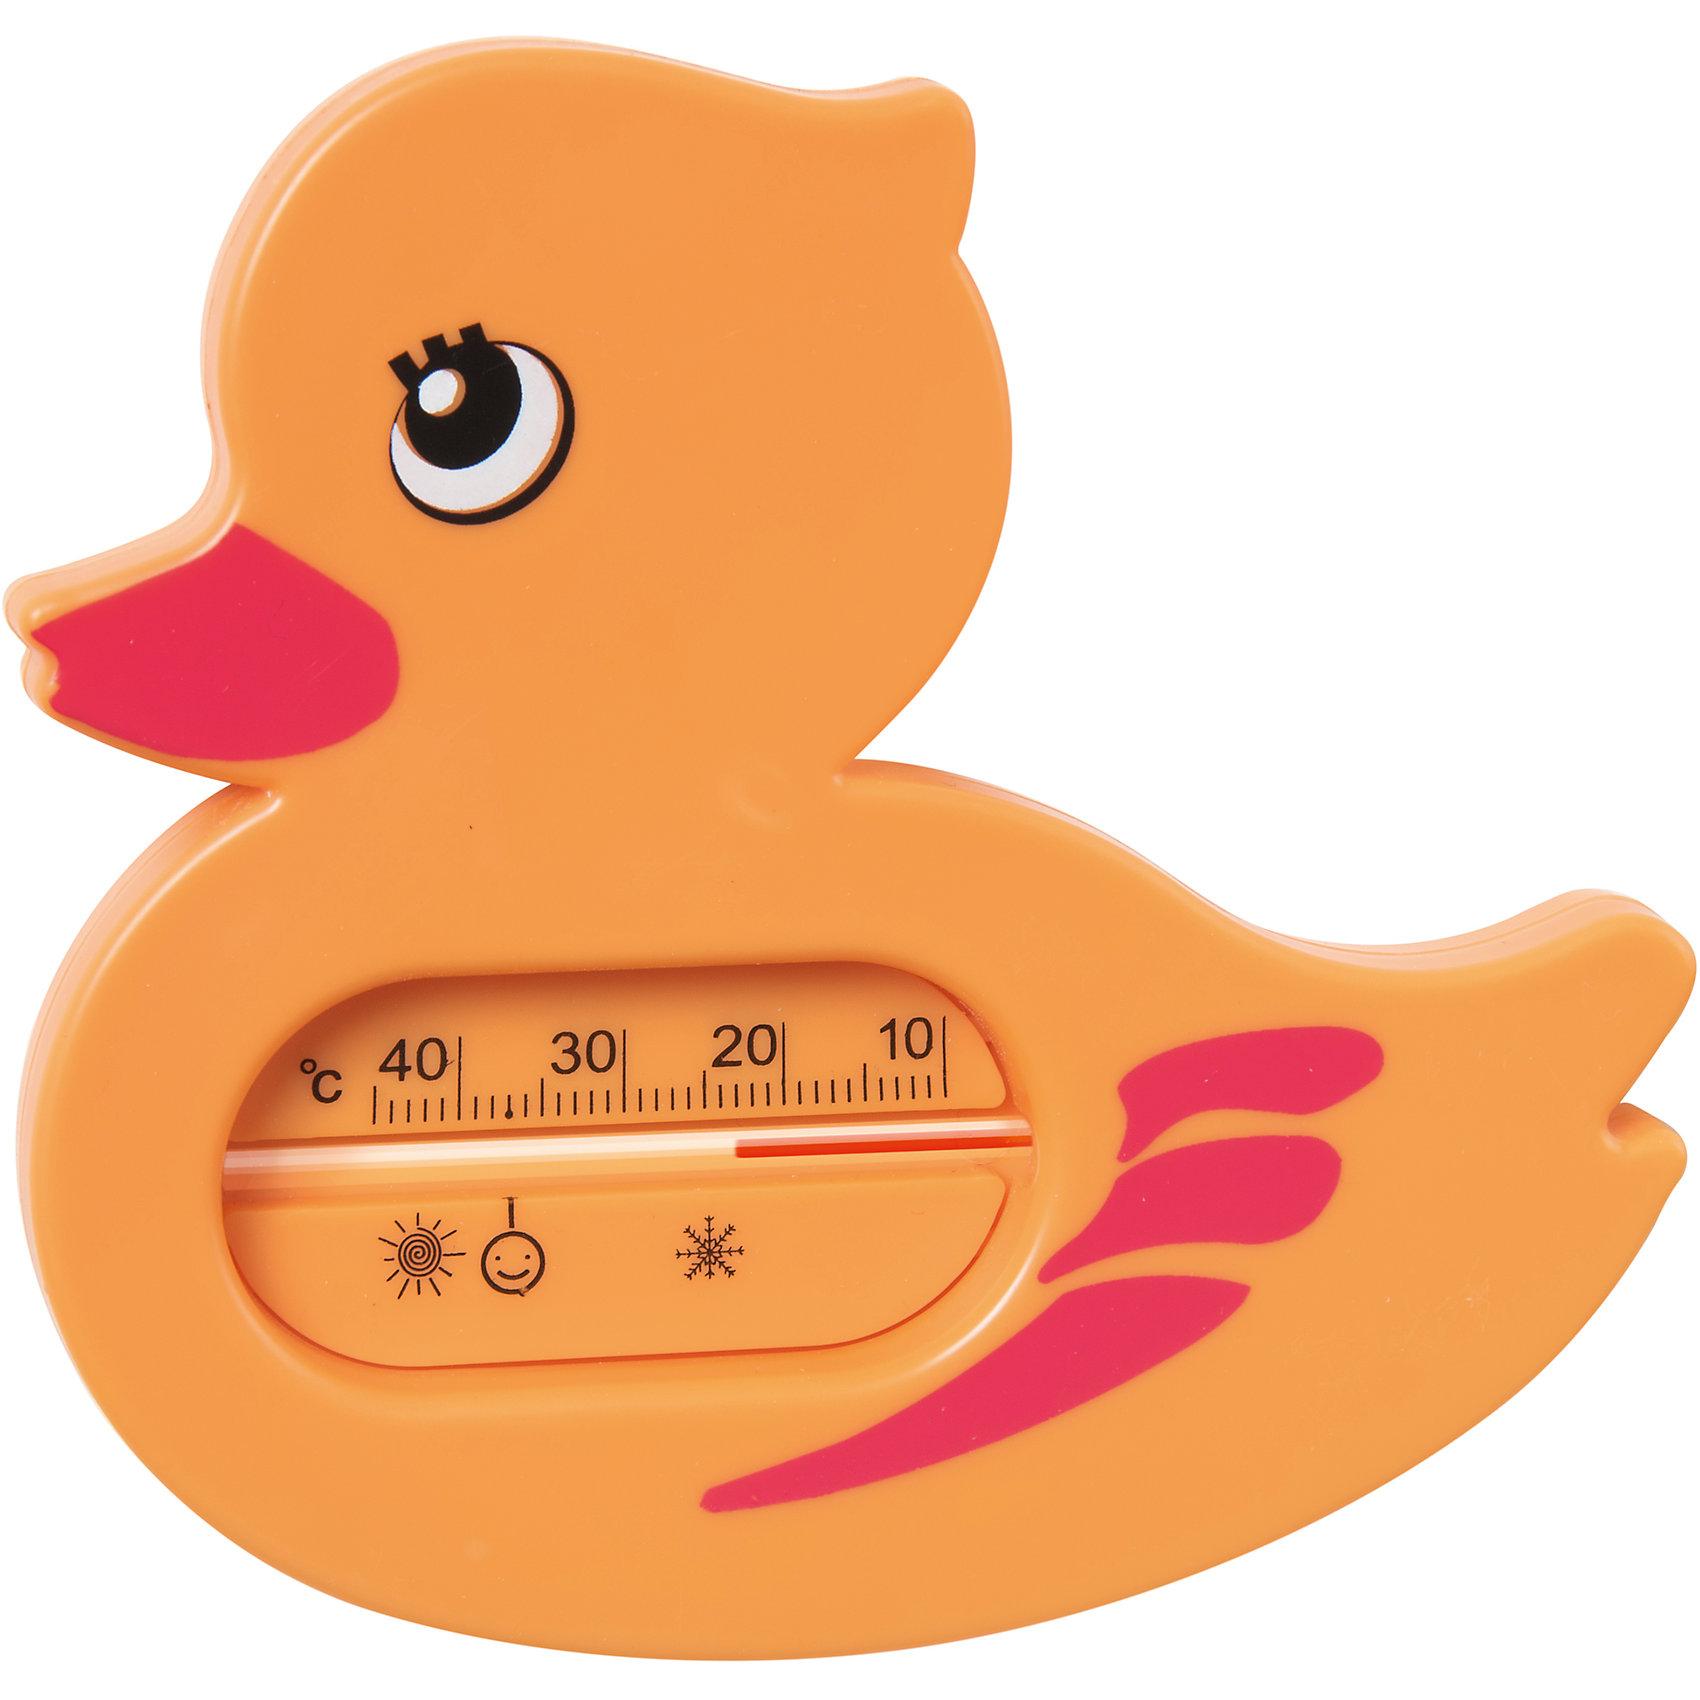 Термометр для ванной Уточка, Kurnosiki, оранжевыйПрочие аксессуары<br>Характеристики:<br><br>• Наименование: термометр для ванны<br>• Материал: пластик<br>• Пол: универсальный<br>• Цвет: оранжевый<br>• Форма: уточка<br>• Тип шкалы: по Цельсию <br>• Максимальное значение: 48? С<br>• Минимальное значение: 10? С<br>• Нанесена отметка напротив оптимальной температуры для купания<br>• Ударопрочный корпус <br>• Не содержит ртути<br>• Отсутствие острых углов<br>• Вес: 80 г<br>• Параметры (Д*Ш*В): 10*5*10 см <br>• Особенности ухода: сухая и влажная чистка<br><br>Термометр для ванны Уточка, Kurnosiki, желтый выполнен из ударопрочного пластика, не содержит ртути. Форма градусника представляет собой ярко-желтую уточку. Цена деления у шкалы 1 градус, напротив оптимальной температуры для купания нанесена отметка. <br><br>Чтобы градусник определил температуру воды с высокой точностью, его необходимо подержать в воде не менее 1 минуты. Термометр для ванны Уточка, Kurnosiki, желтый станет незаменимым помощником для мамы во время купания малыша.<br><br>Термометр для ванны Уточка, Kurnosiki, желтый можно купить в нашем интернет-магазине.<br><br>Ширина мм: 130<br>Глубина мм: 10<br>Высота мм: 190<br>Вес г: 56<br>Возраст от месяцев: 0<br>Возраст до месяцев: 36<br>Пол: Унисекс<br>Возраст: Детский<br>SKU: 5428705